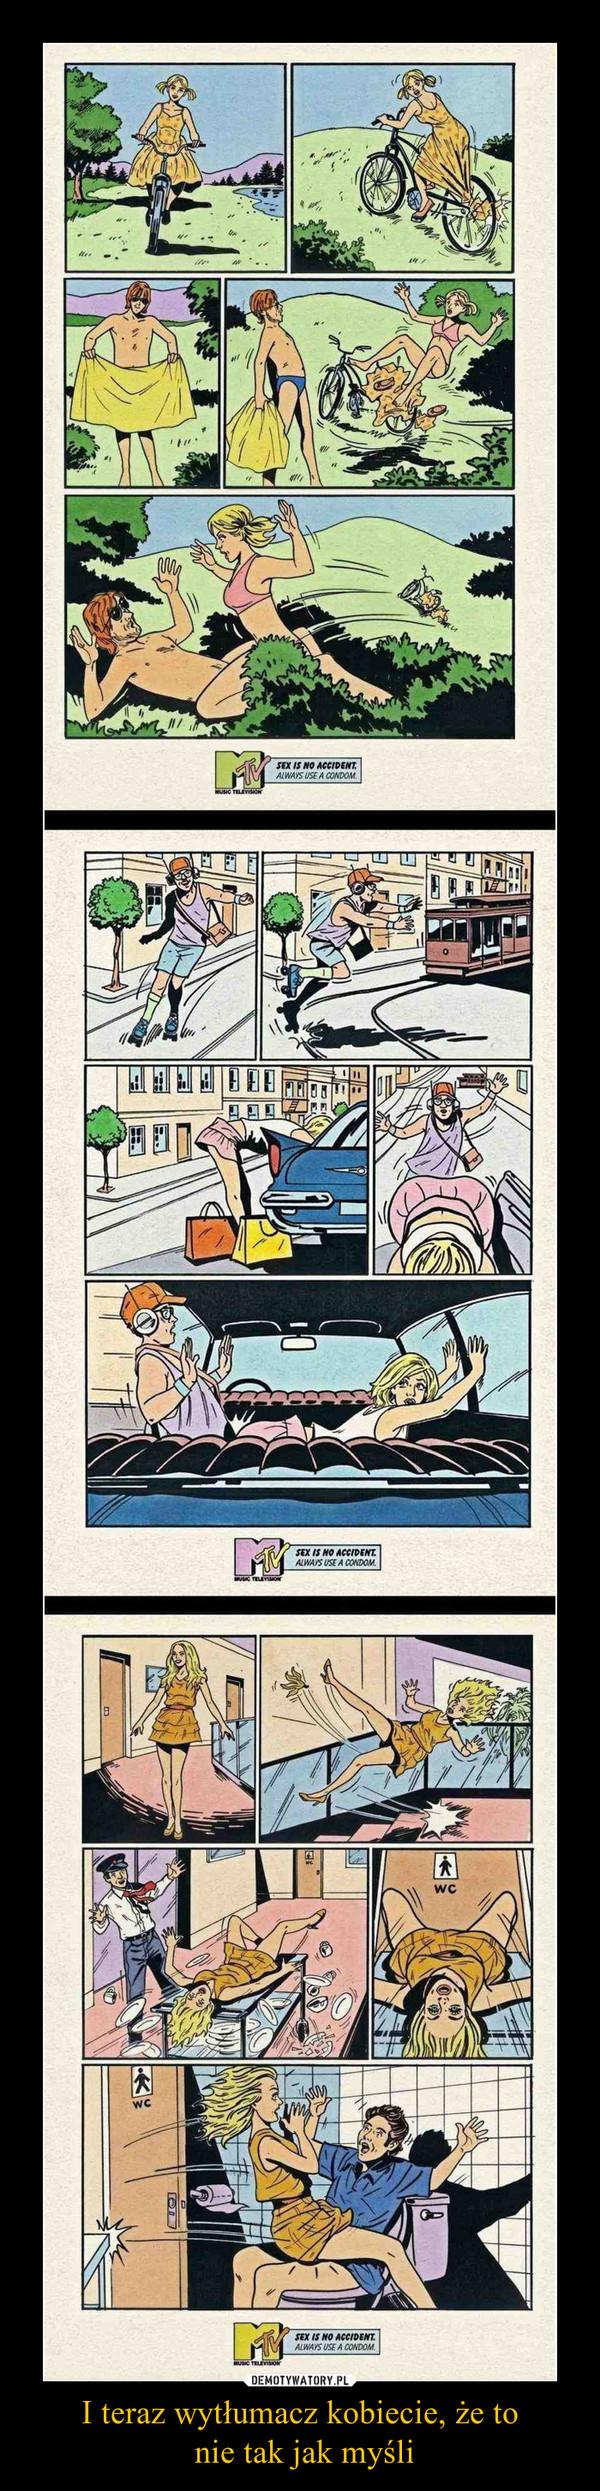 I teraz wytłumacz kobiecie, że to nie tak jak myśli –